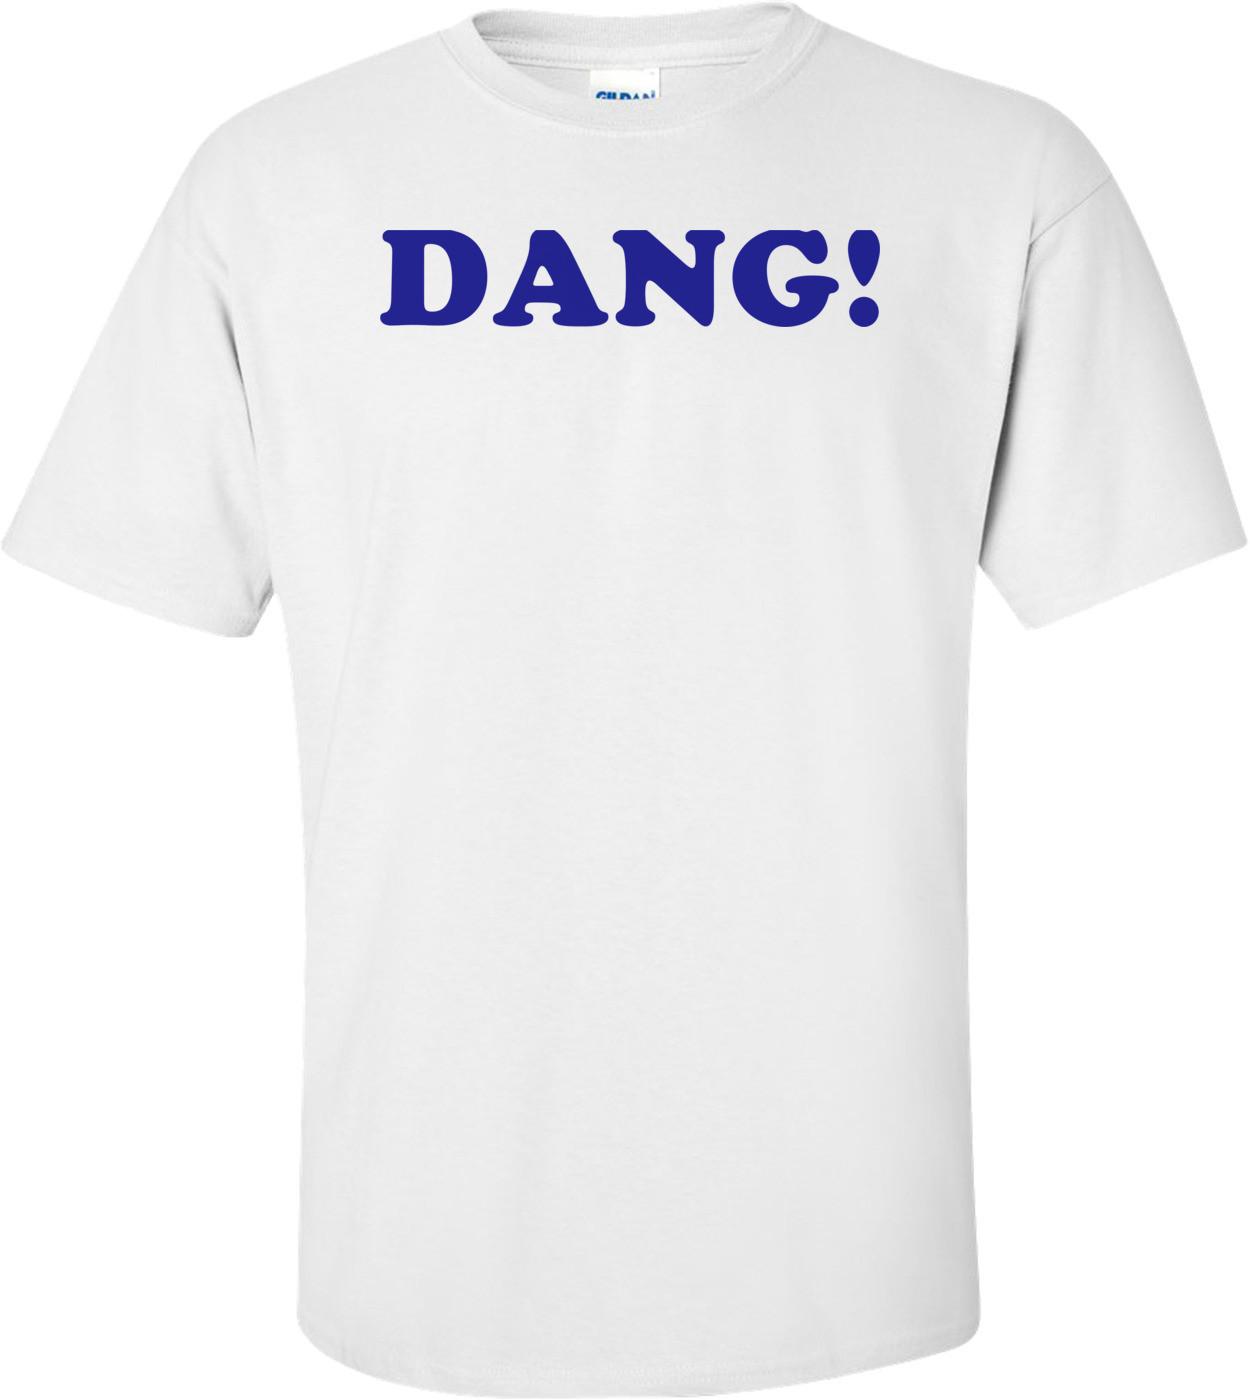 DANG! Shirt